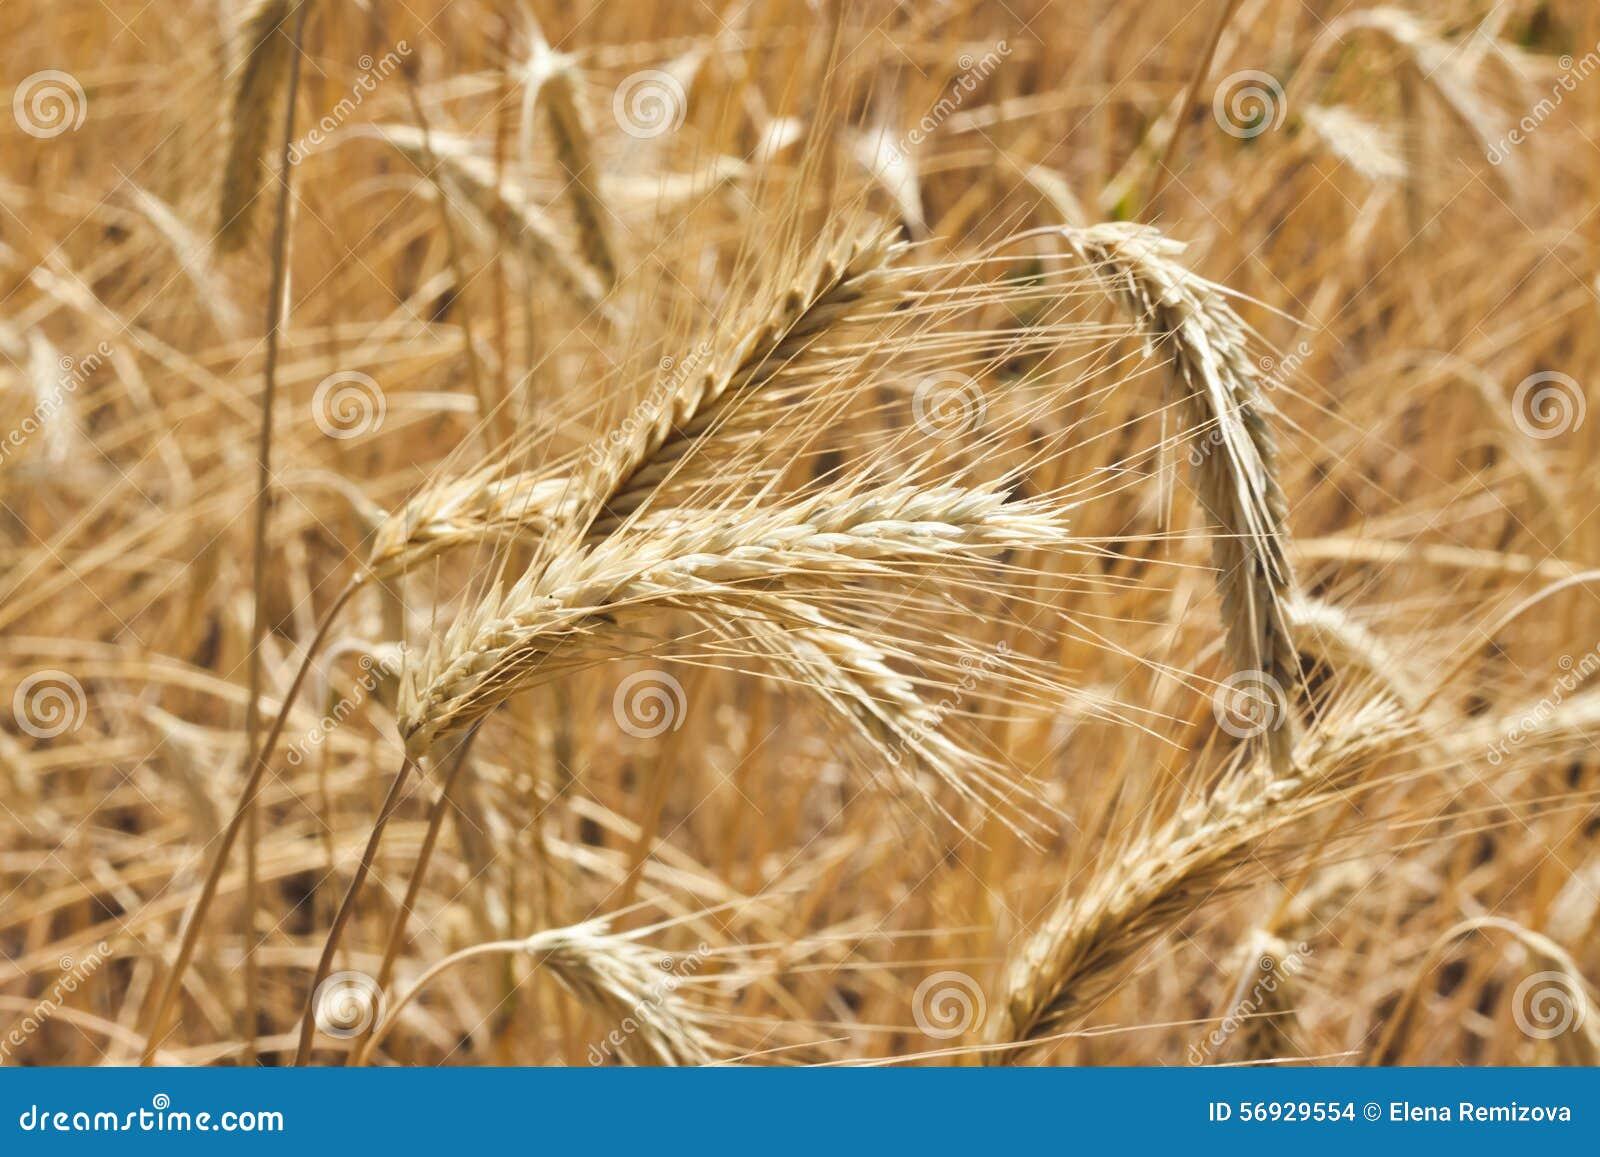 Goldenes Feld des Weizens bereit geerntet zu werden